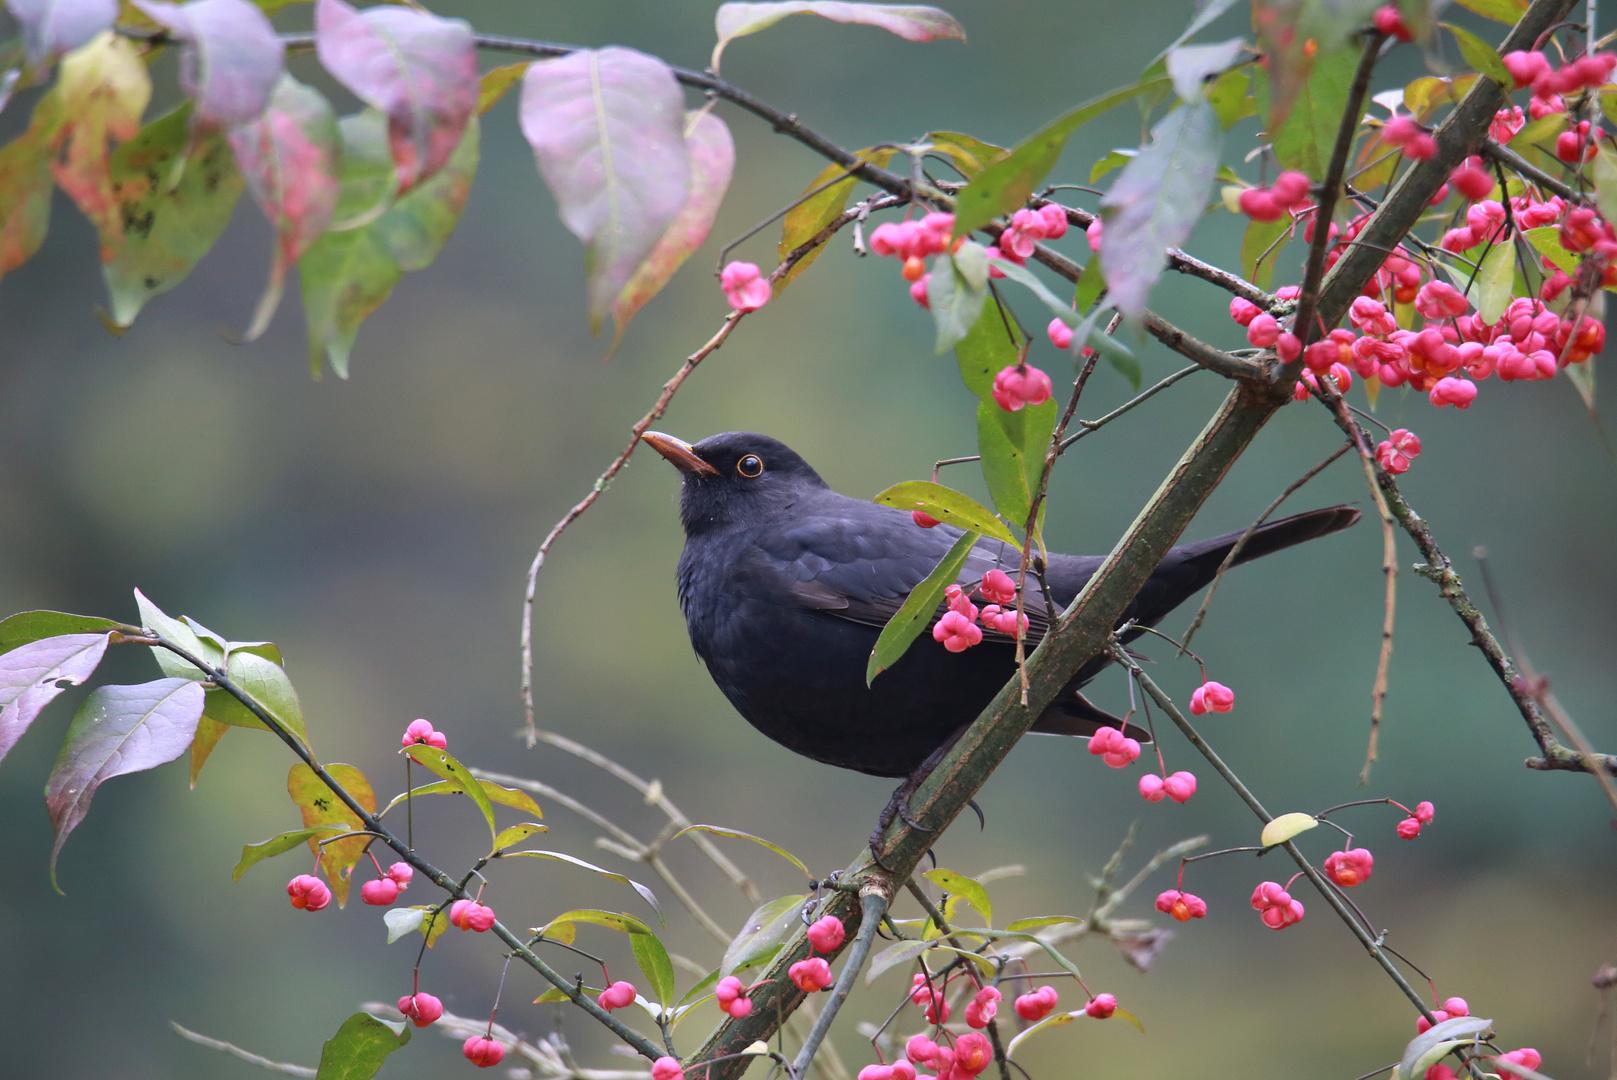 amsel m foto  bild  fotos natur herbst bilder auf